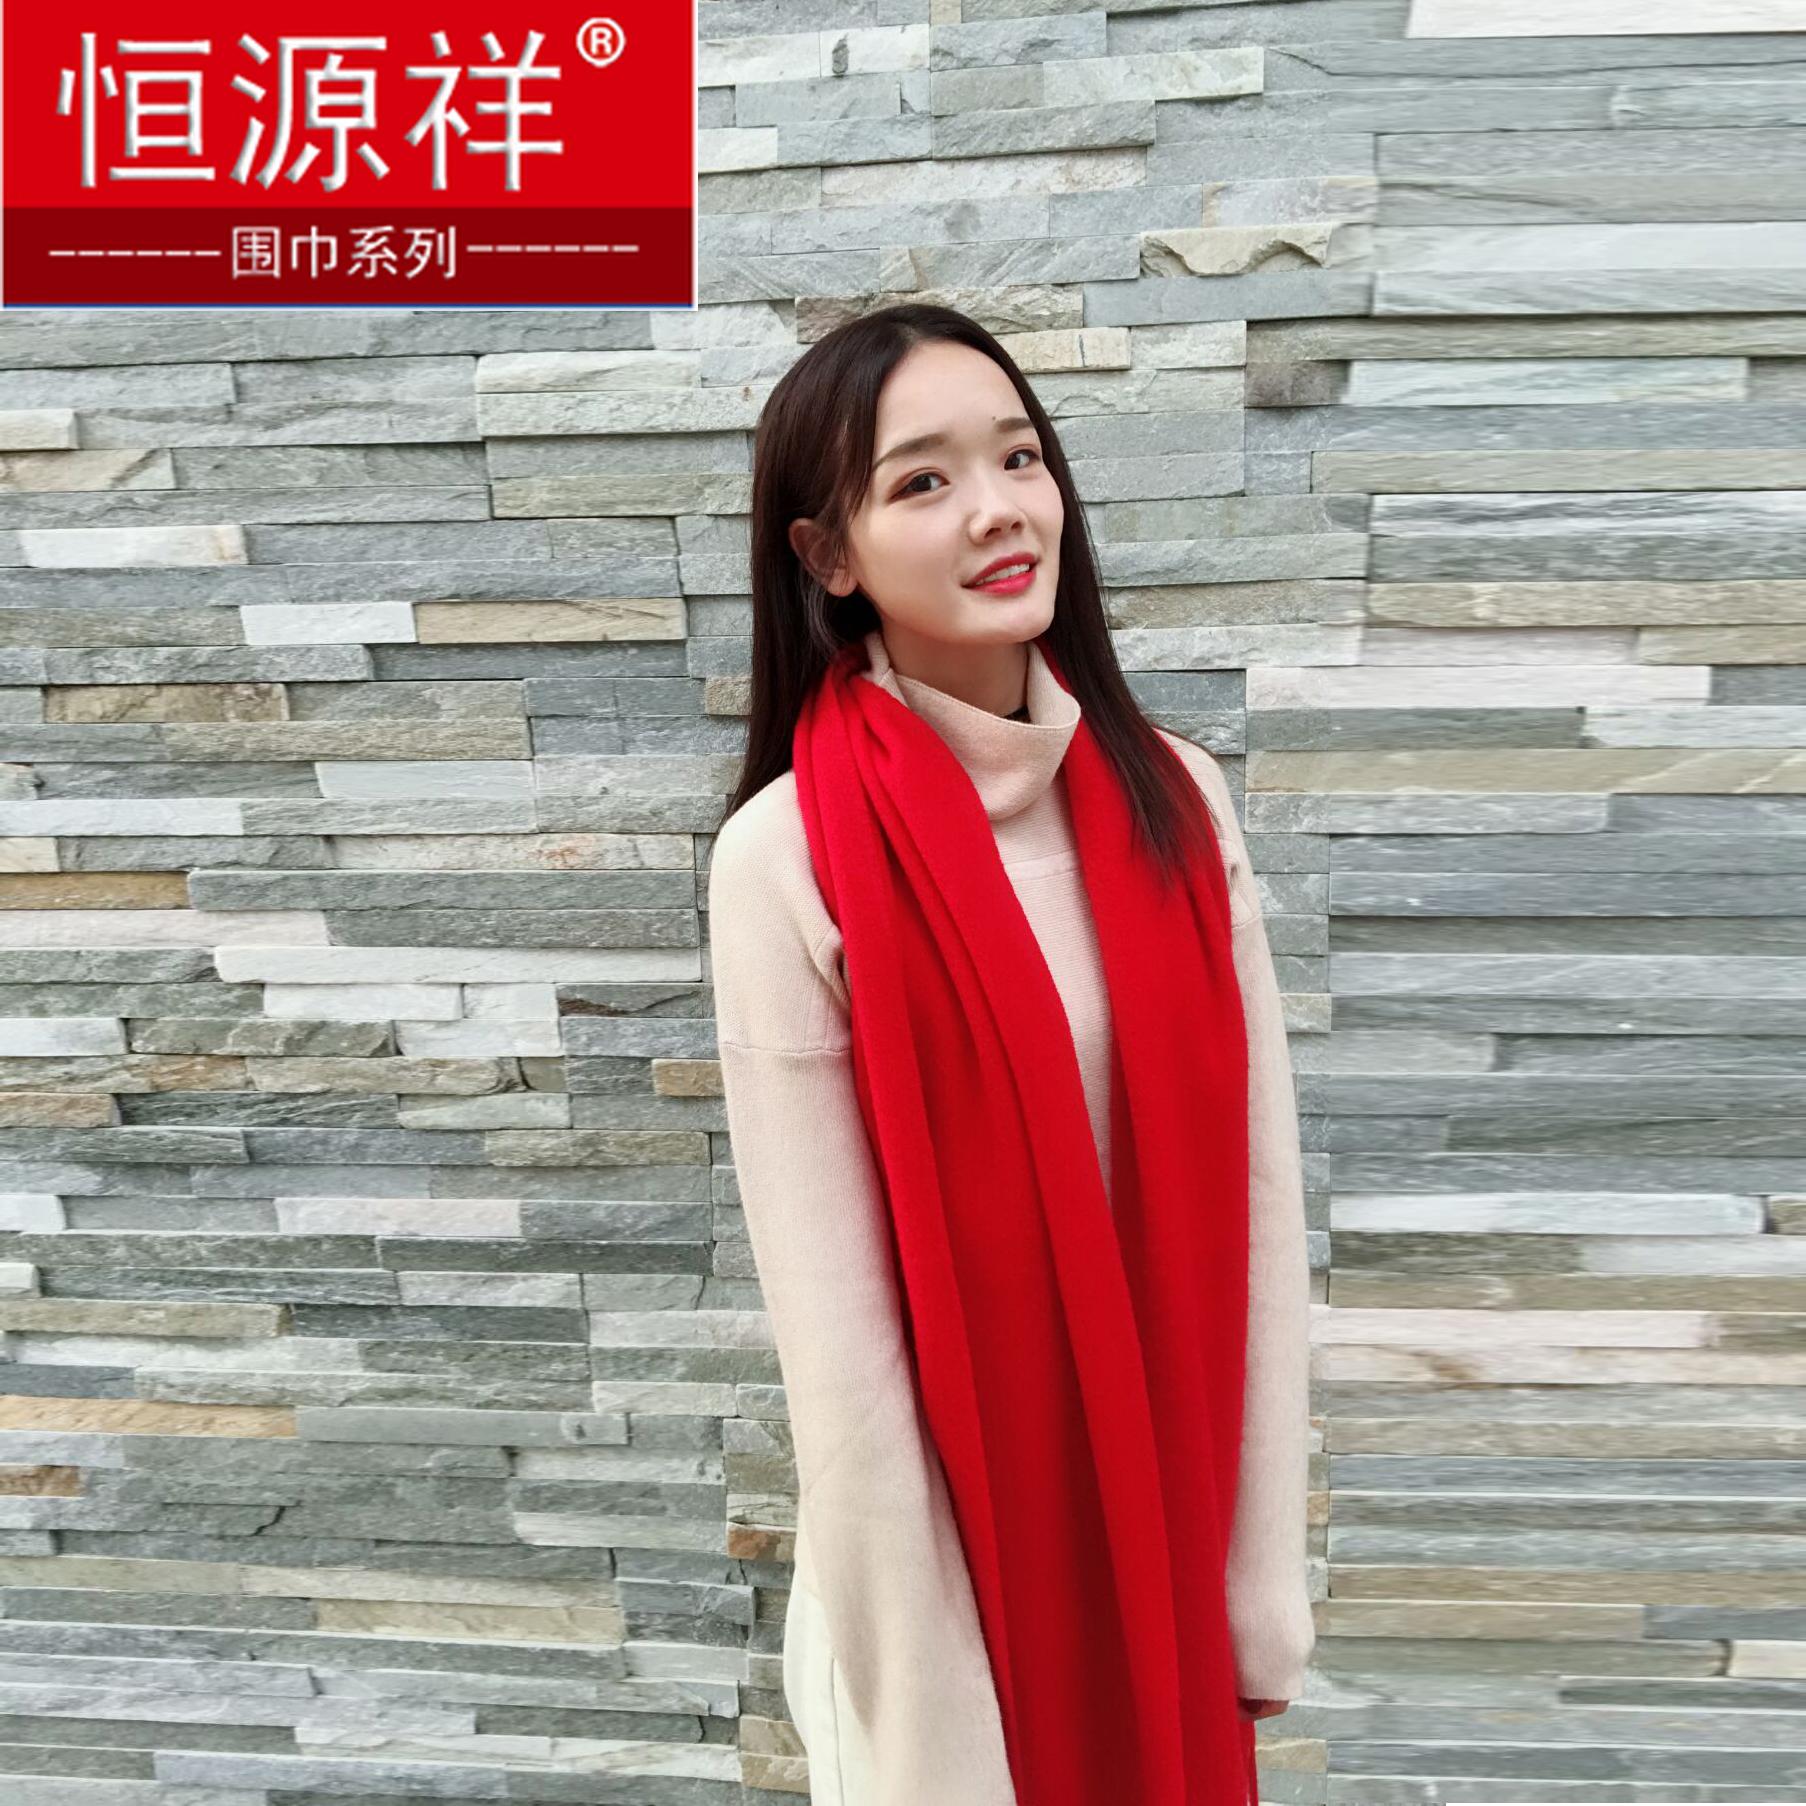 恒源祥羊毛格子围巾男女通用红色围巾披肩羊毛绒围脖定制刺绣logo